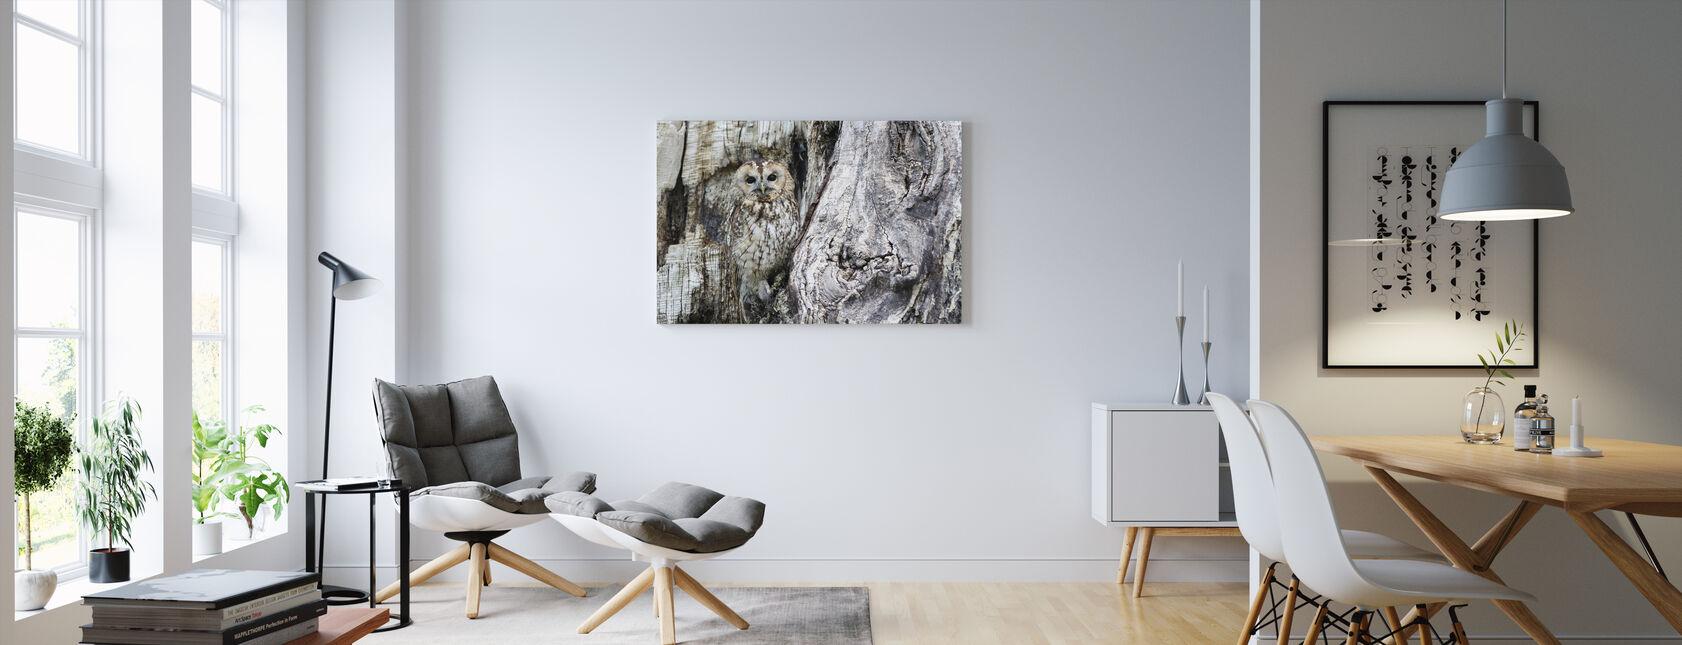 Camouflage ugle - Billede på lærred - Stue